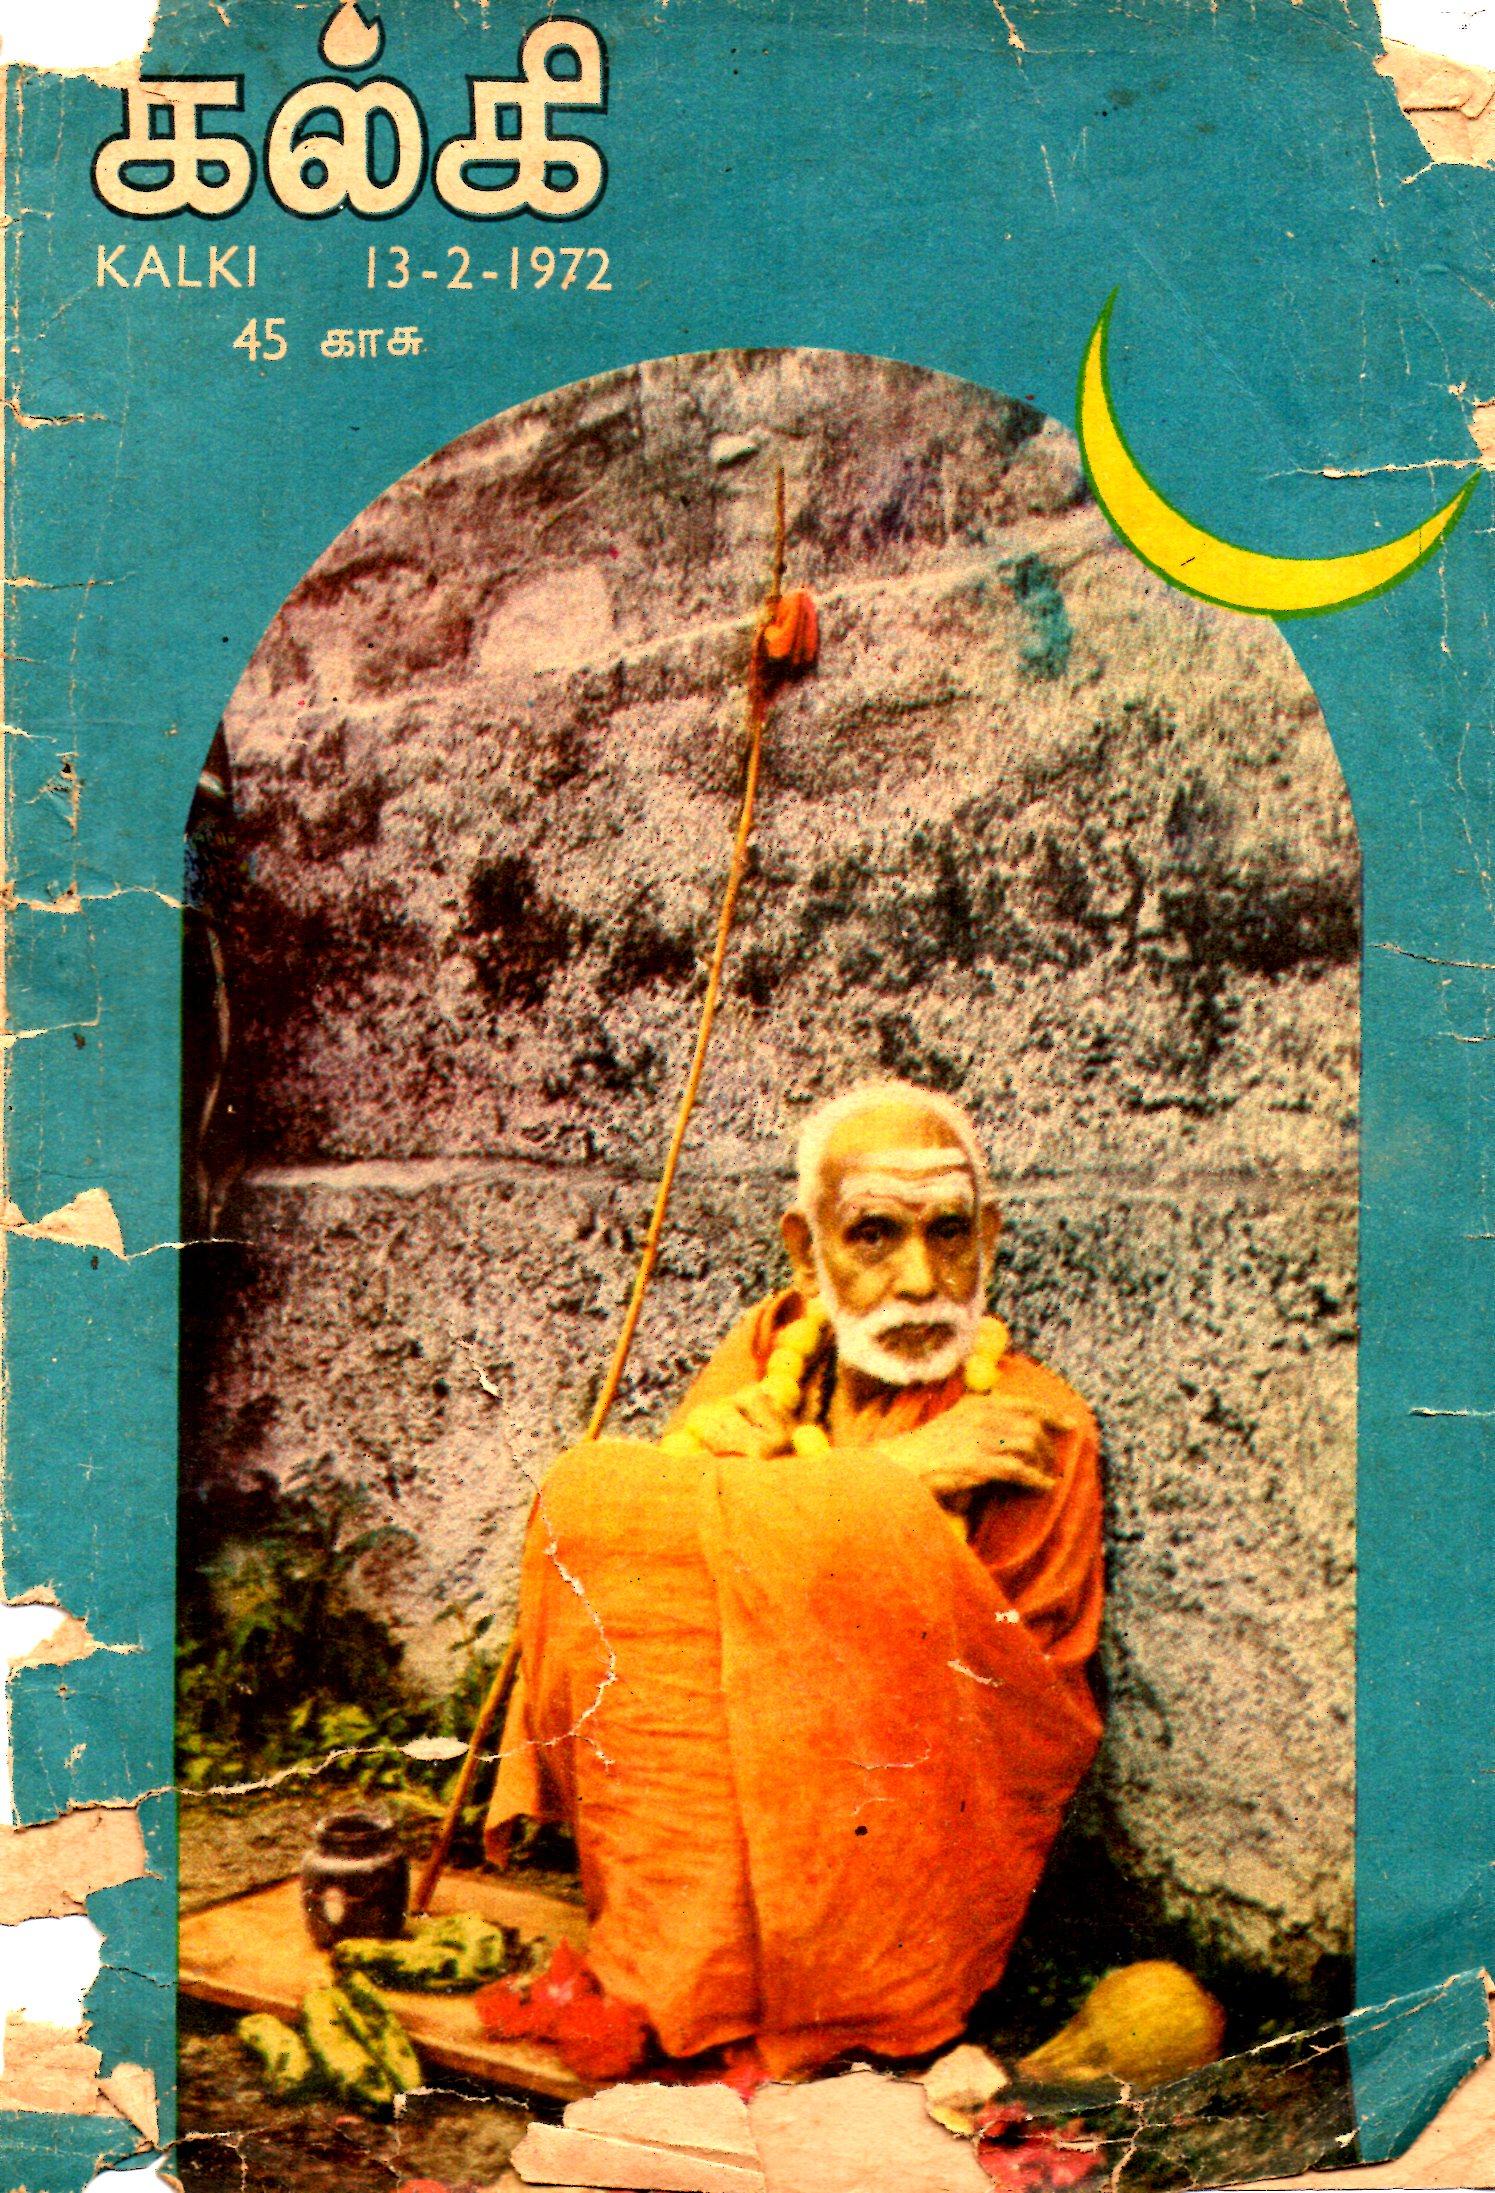 Rare cover phot... Kalki Sadasivam